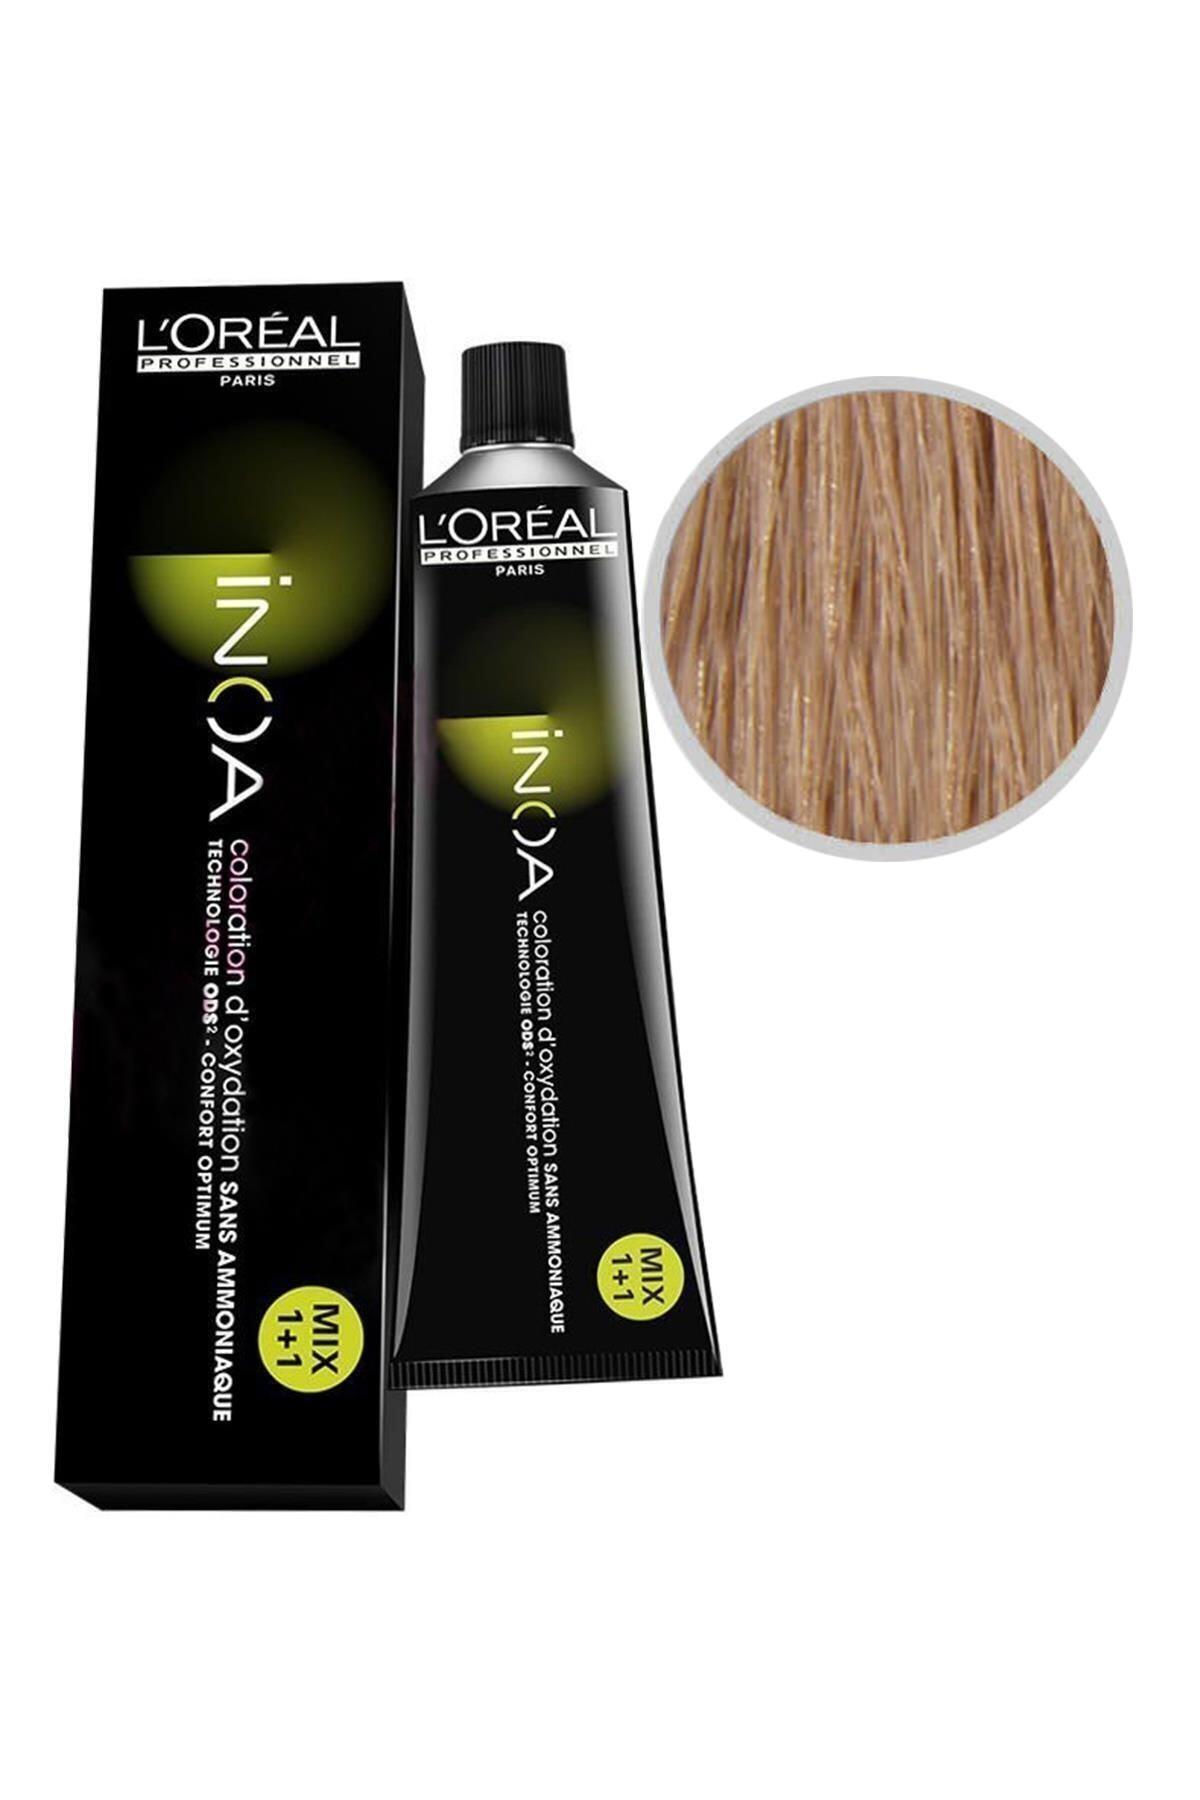 İNOA Loreal 8 Koyu Sarı Saç Boyası Kerastase 1